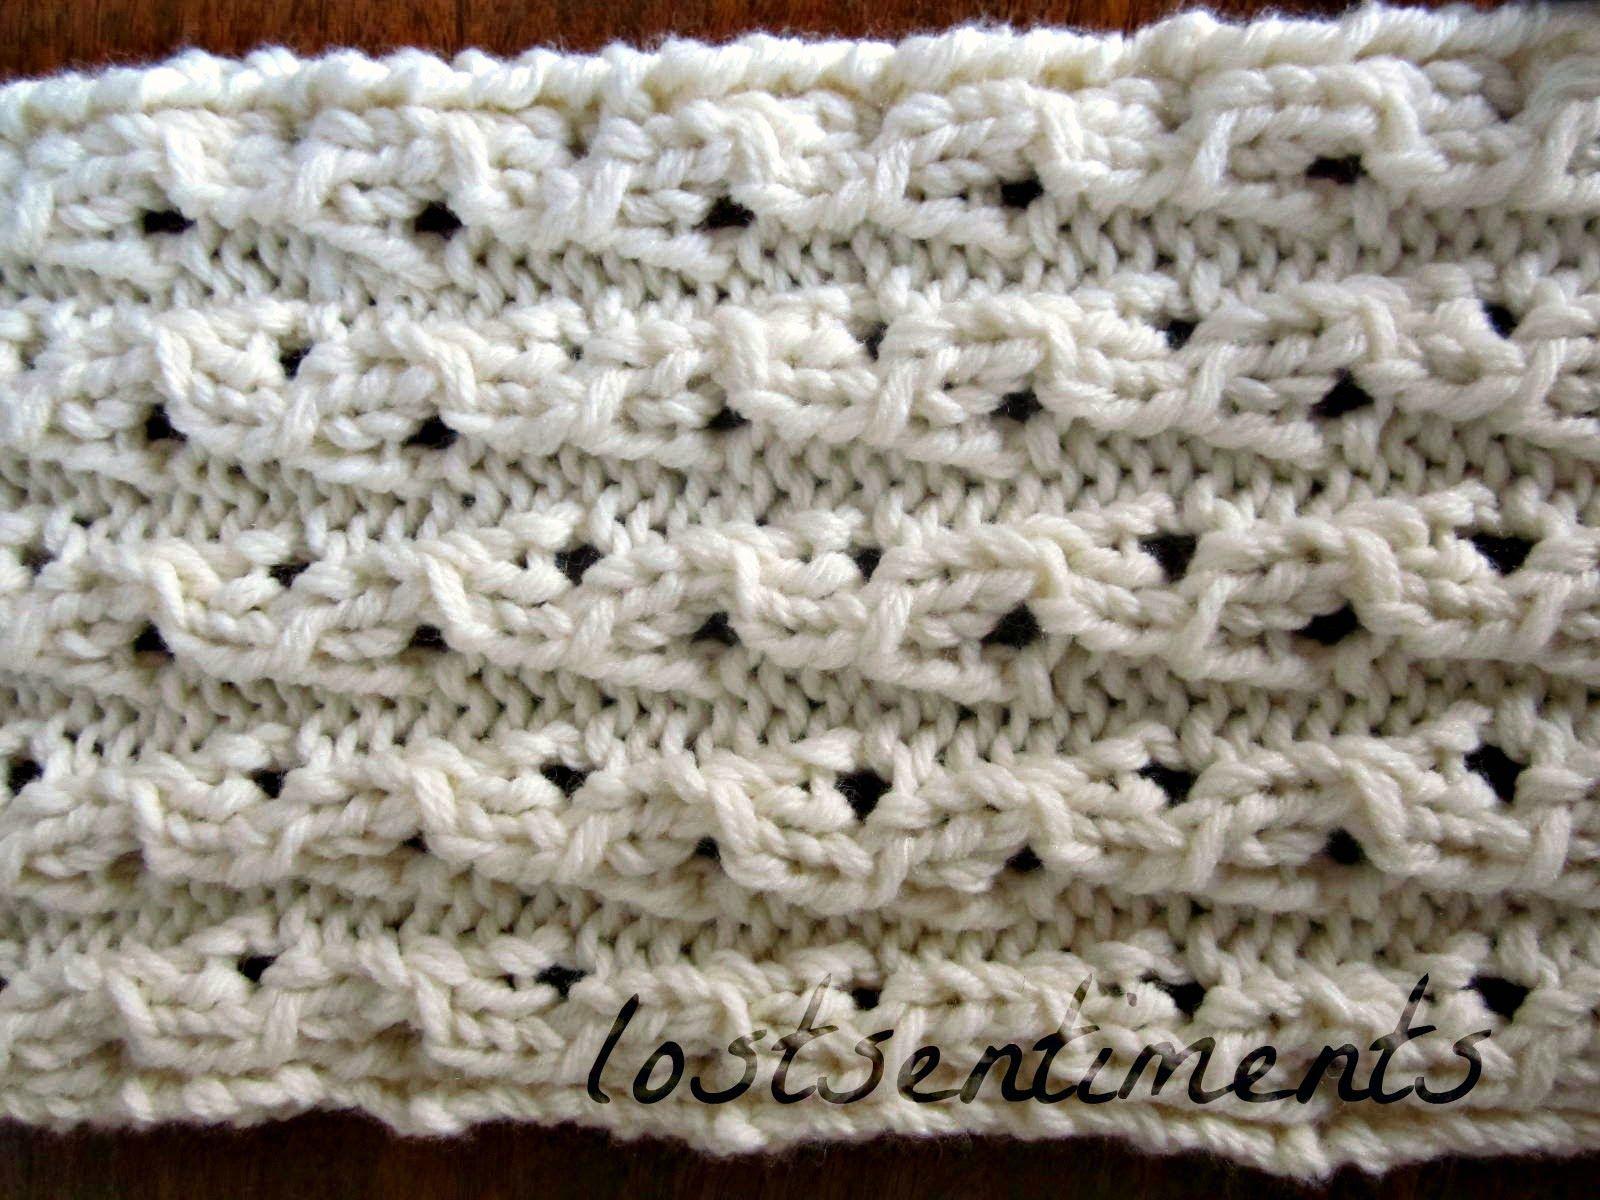 lostsentiments: Coconut Milk Peekaboo Lace Scarf Pattern - FREE Kn ...